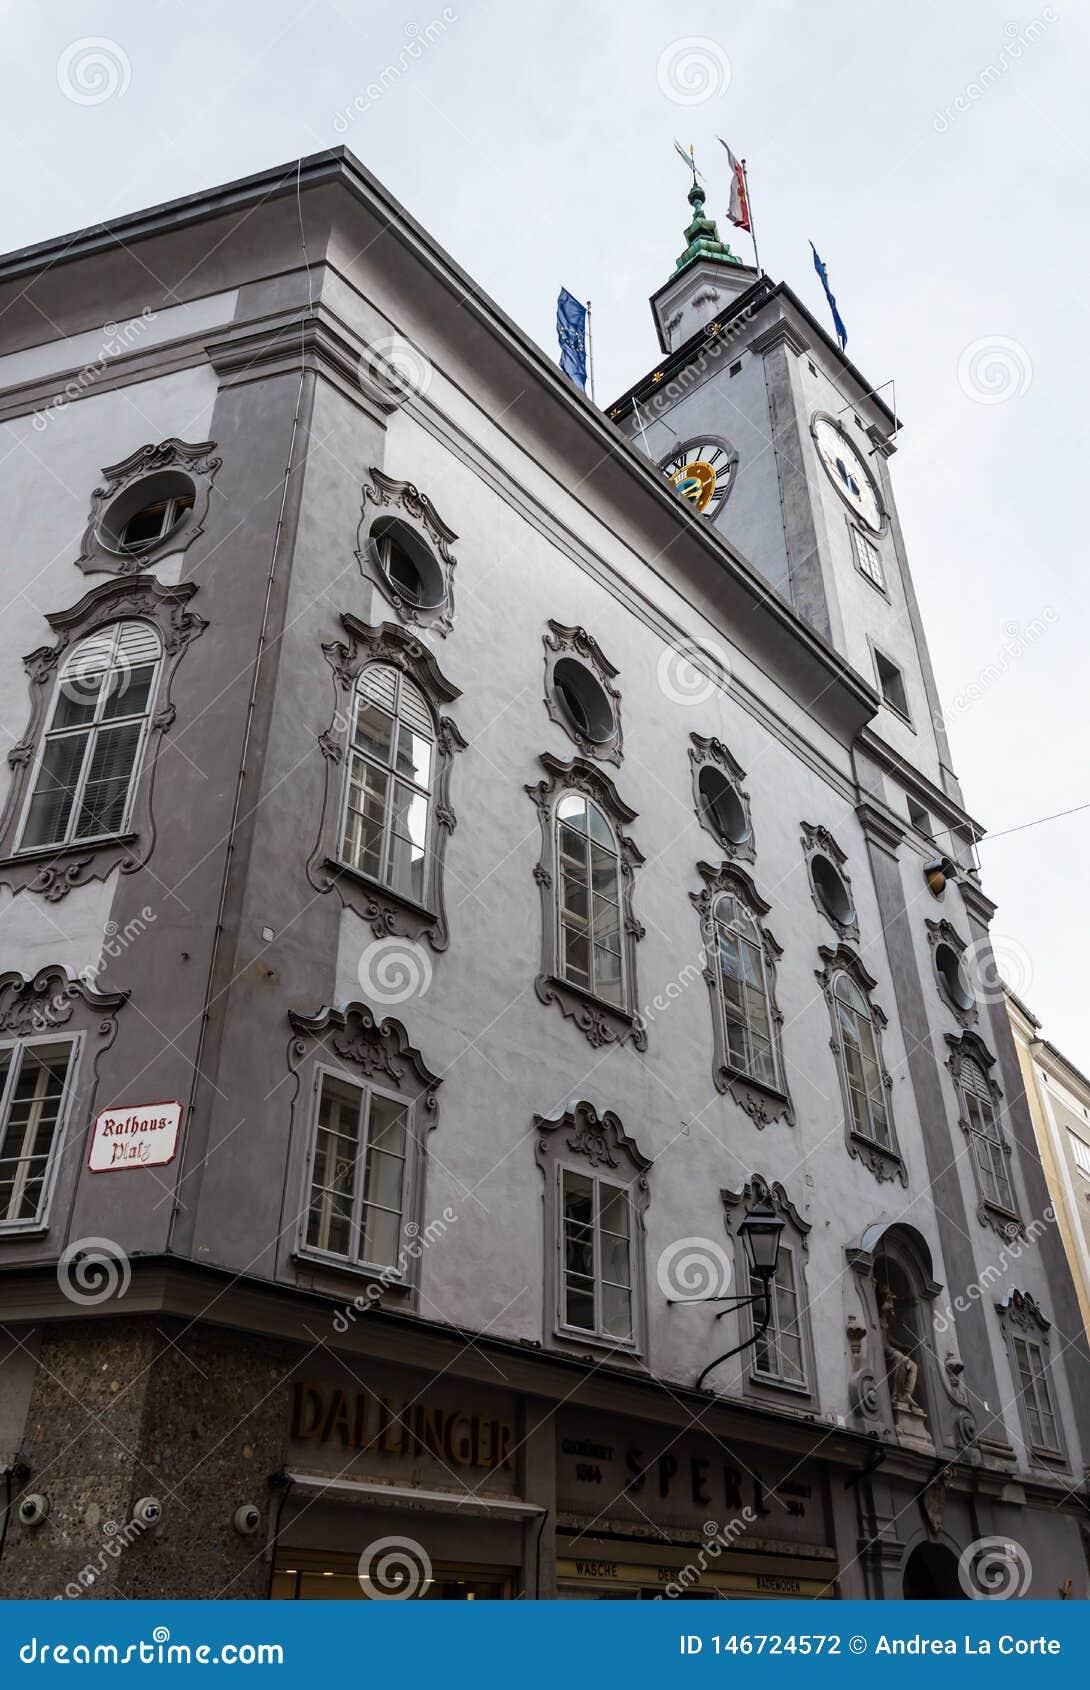 Cidade Hall Clock Tower da cidade de Salzburg visto das ruas de Salzburg